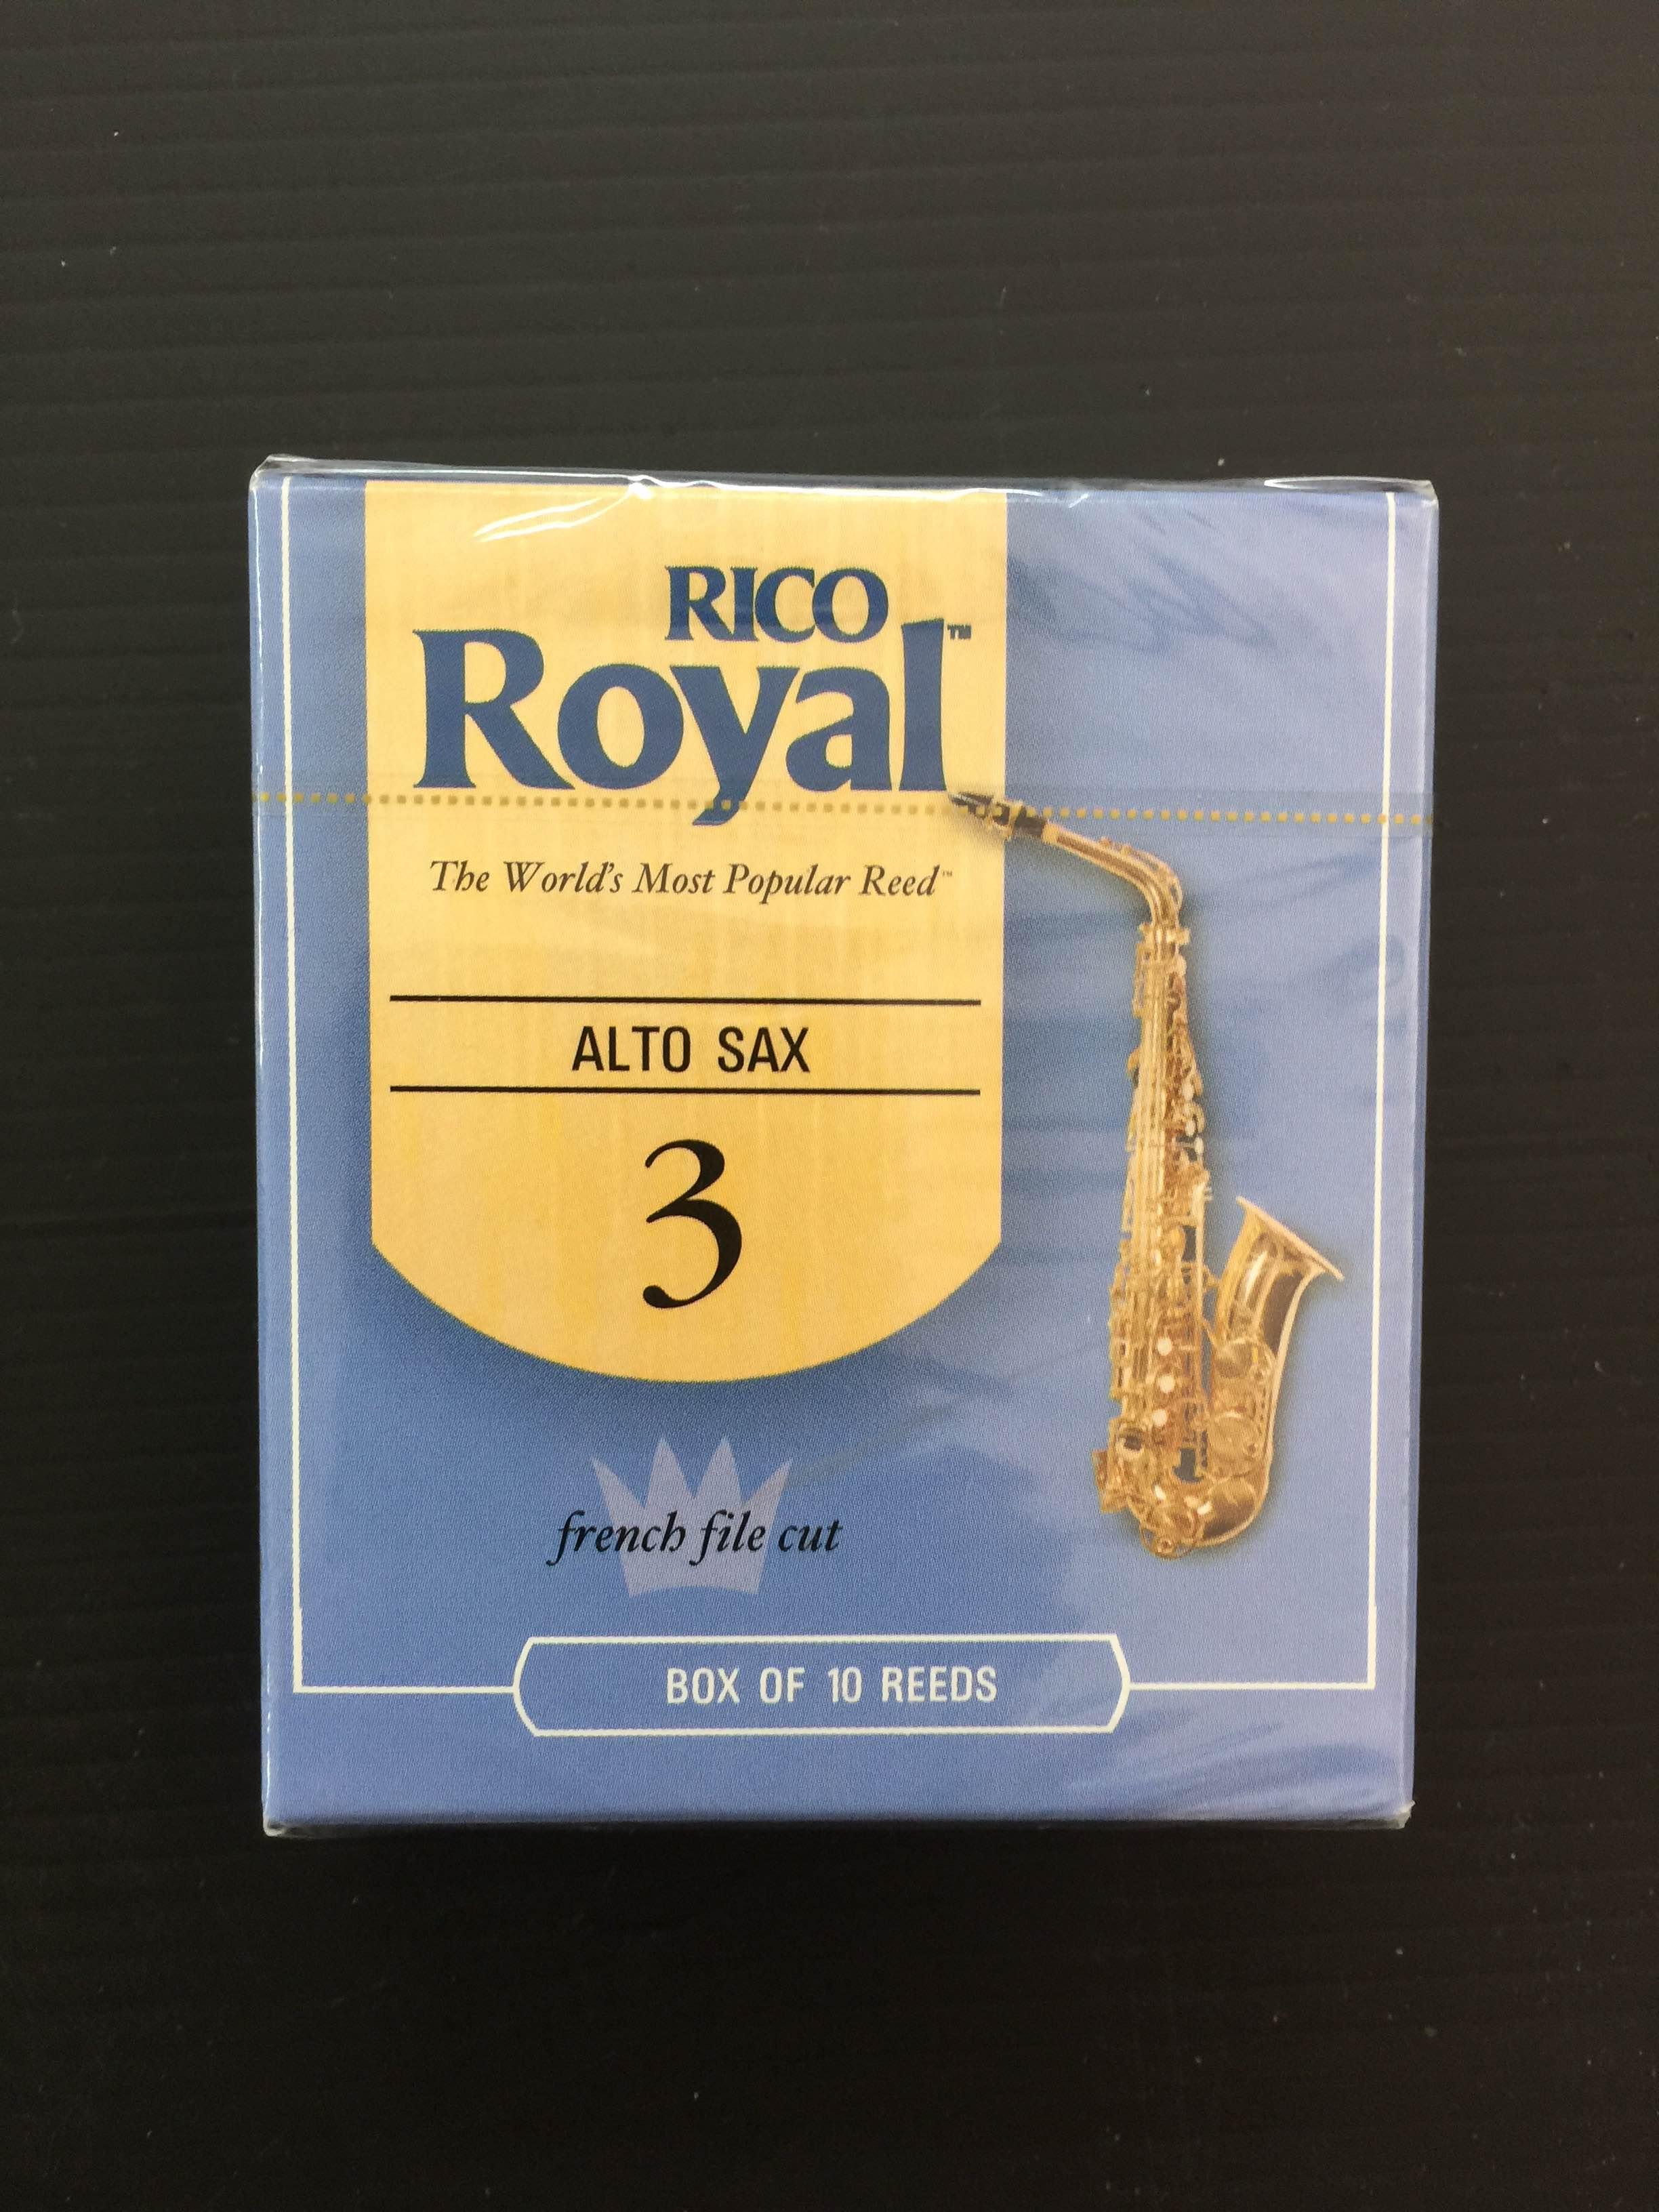 קופסה של 10 עלים RICO/RICO ROYAL סקסופון אלט